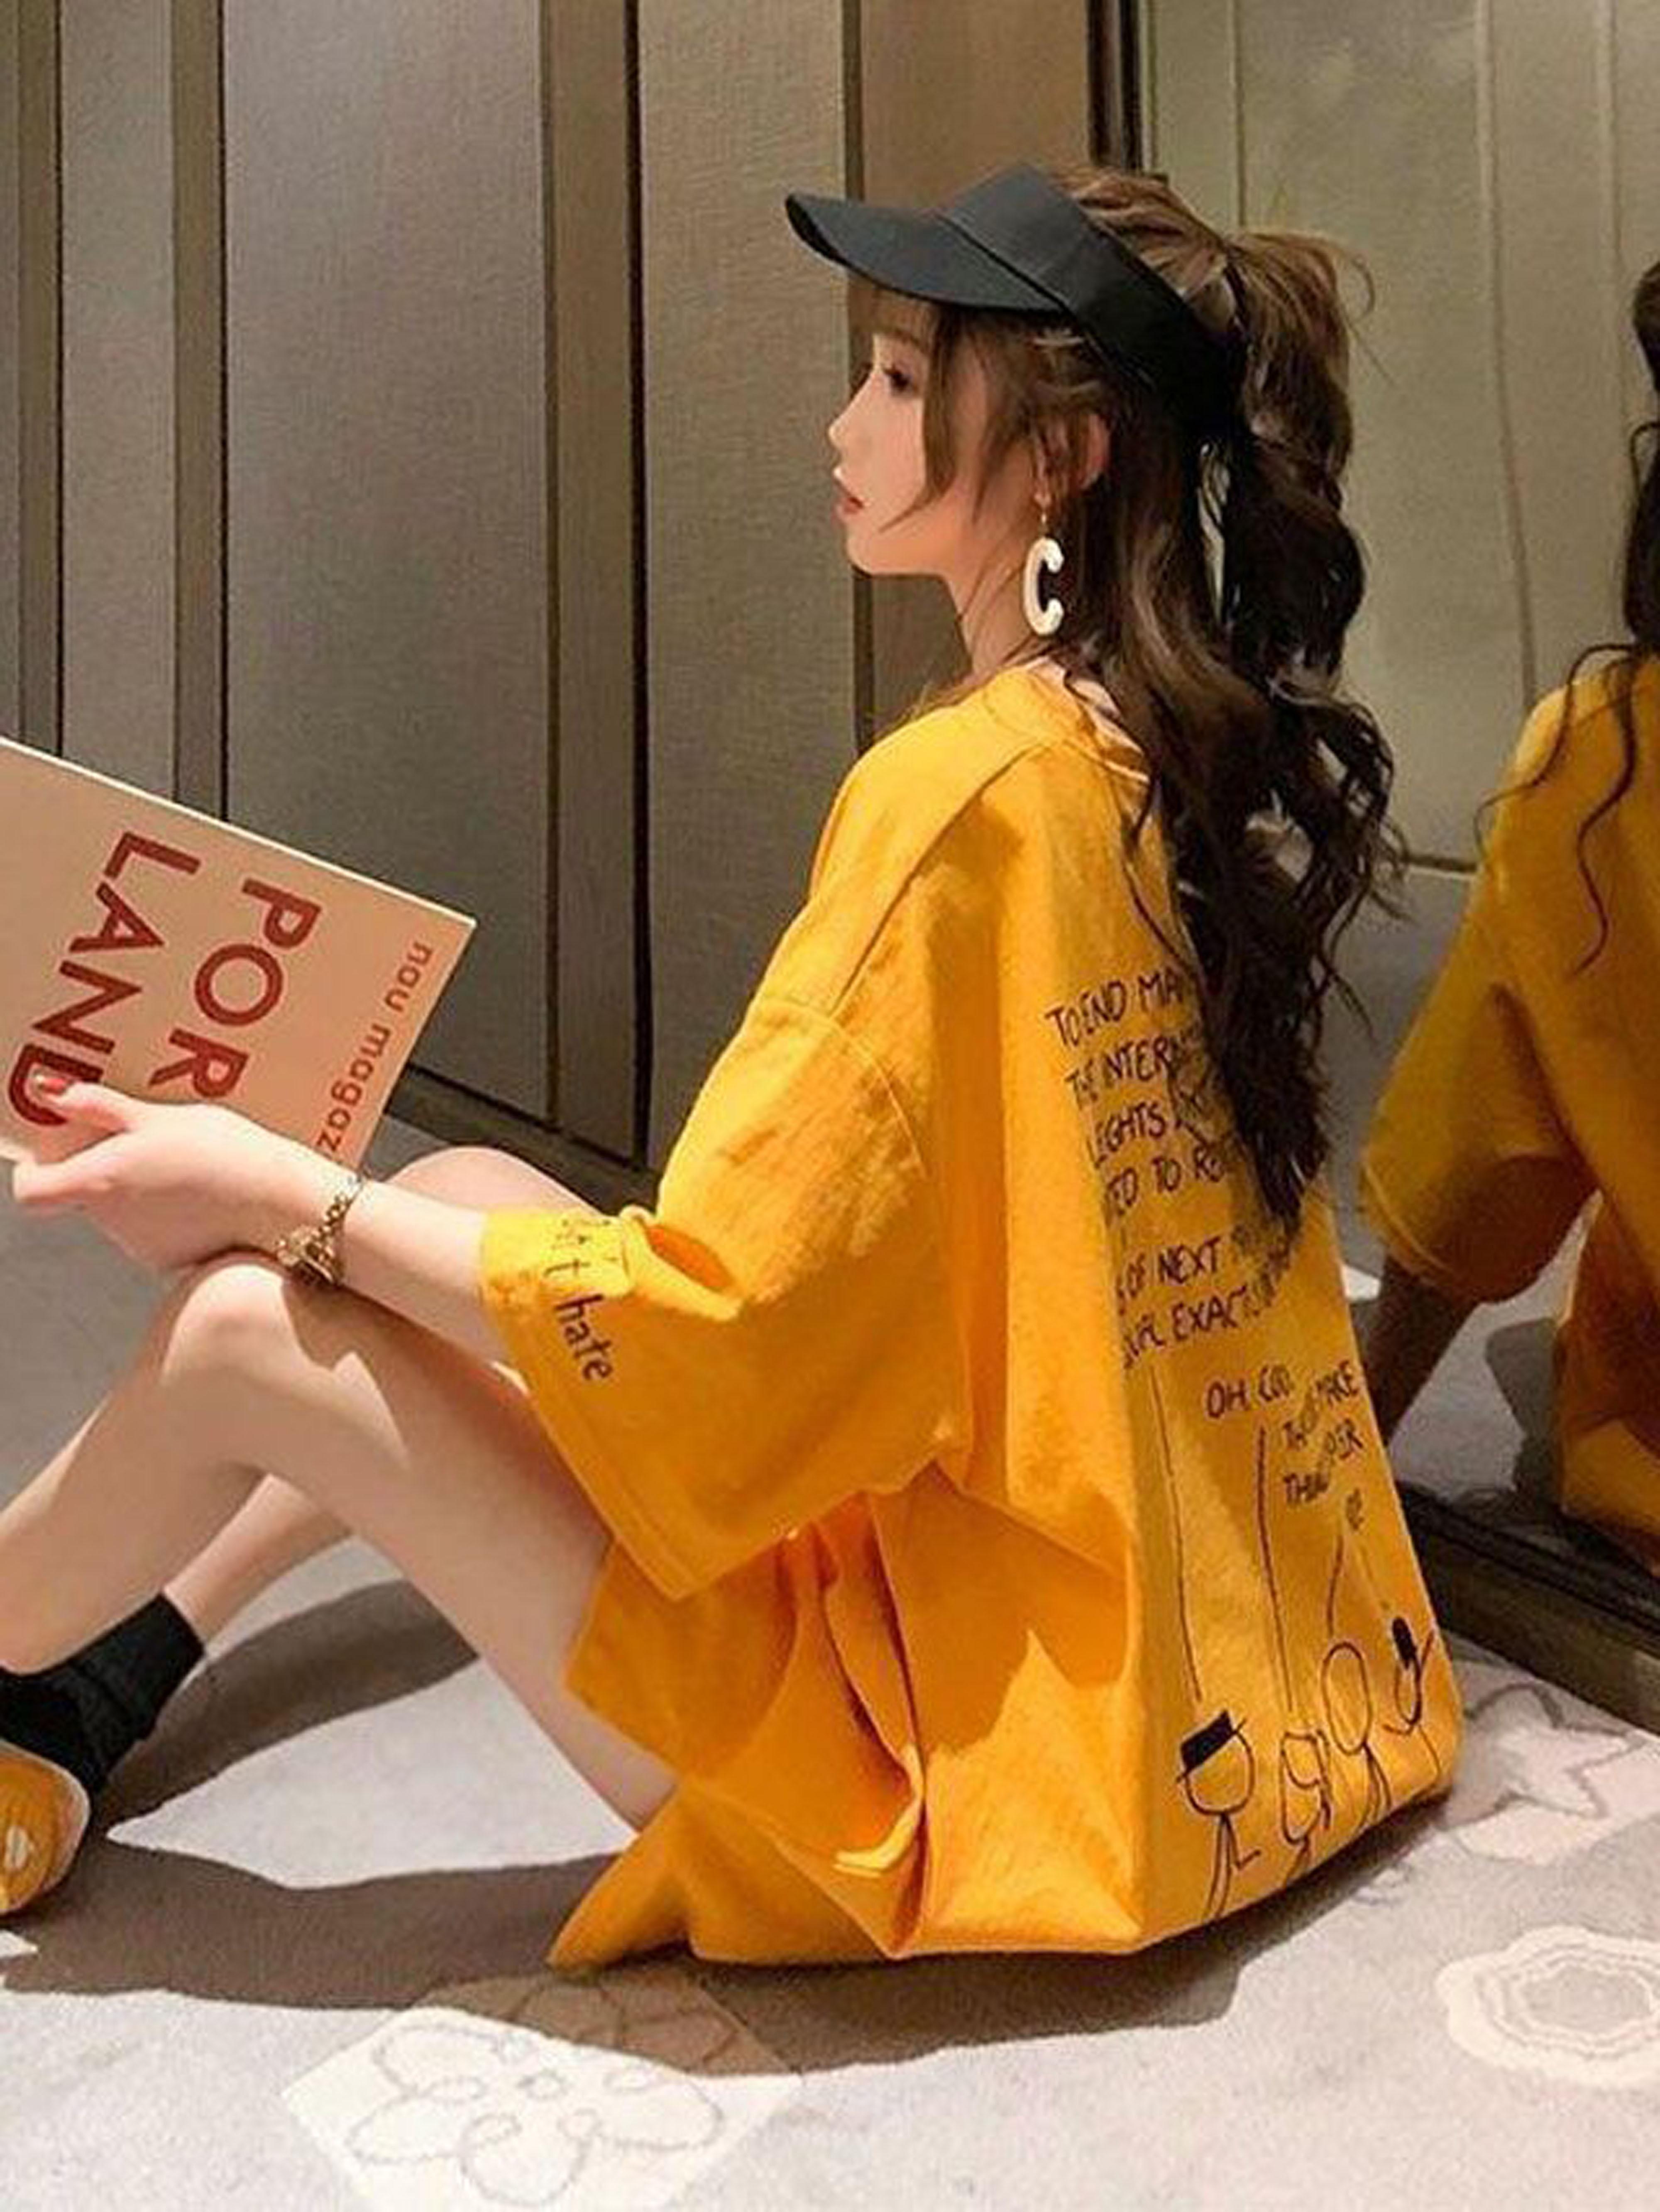 泫雅风t恤中长款短袖女韩版宽松上衣+腰带+短裤三件套时尚套装